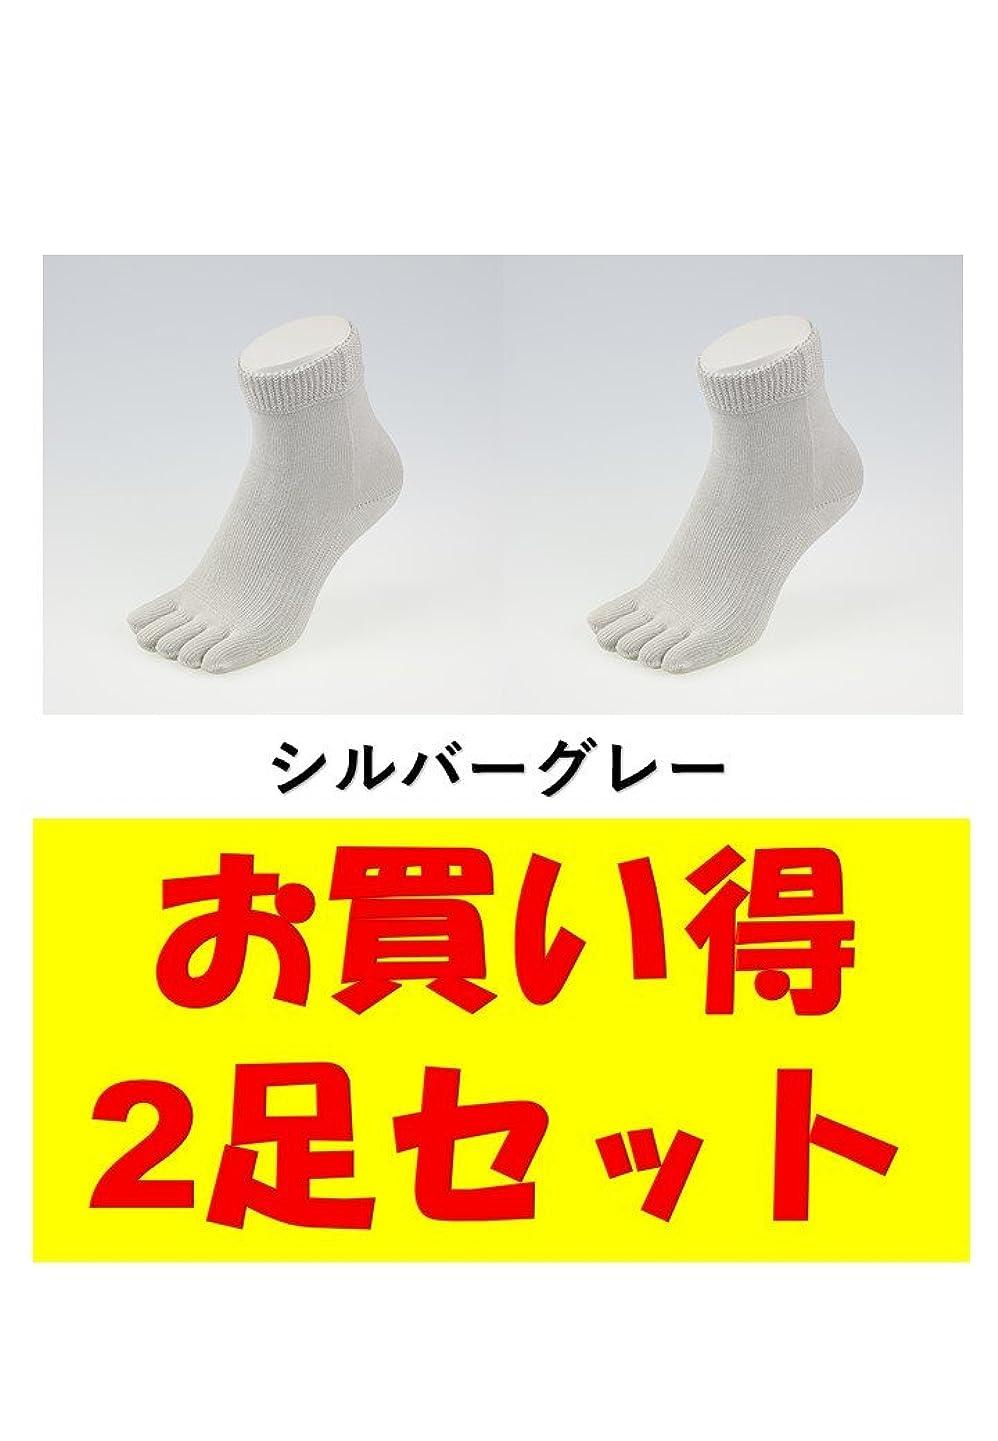 カナダライドオーナーお買い得2足セット 5本指 ゆびのばソックス Neo EVE(イヴ) シルバーグレー iサイズ(23.5cm - 25.5cm) YSNEVE-SGL